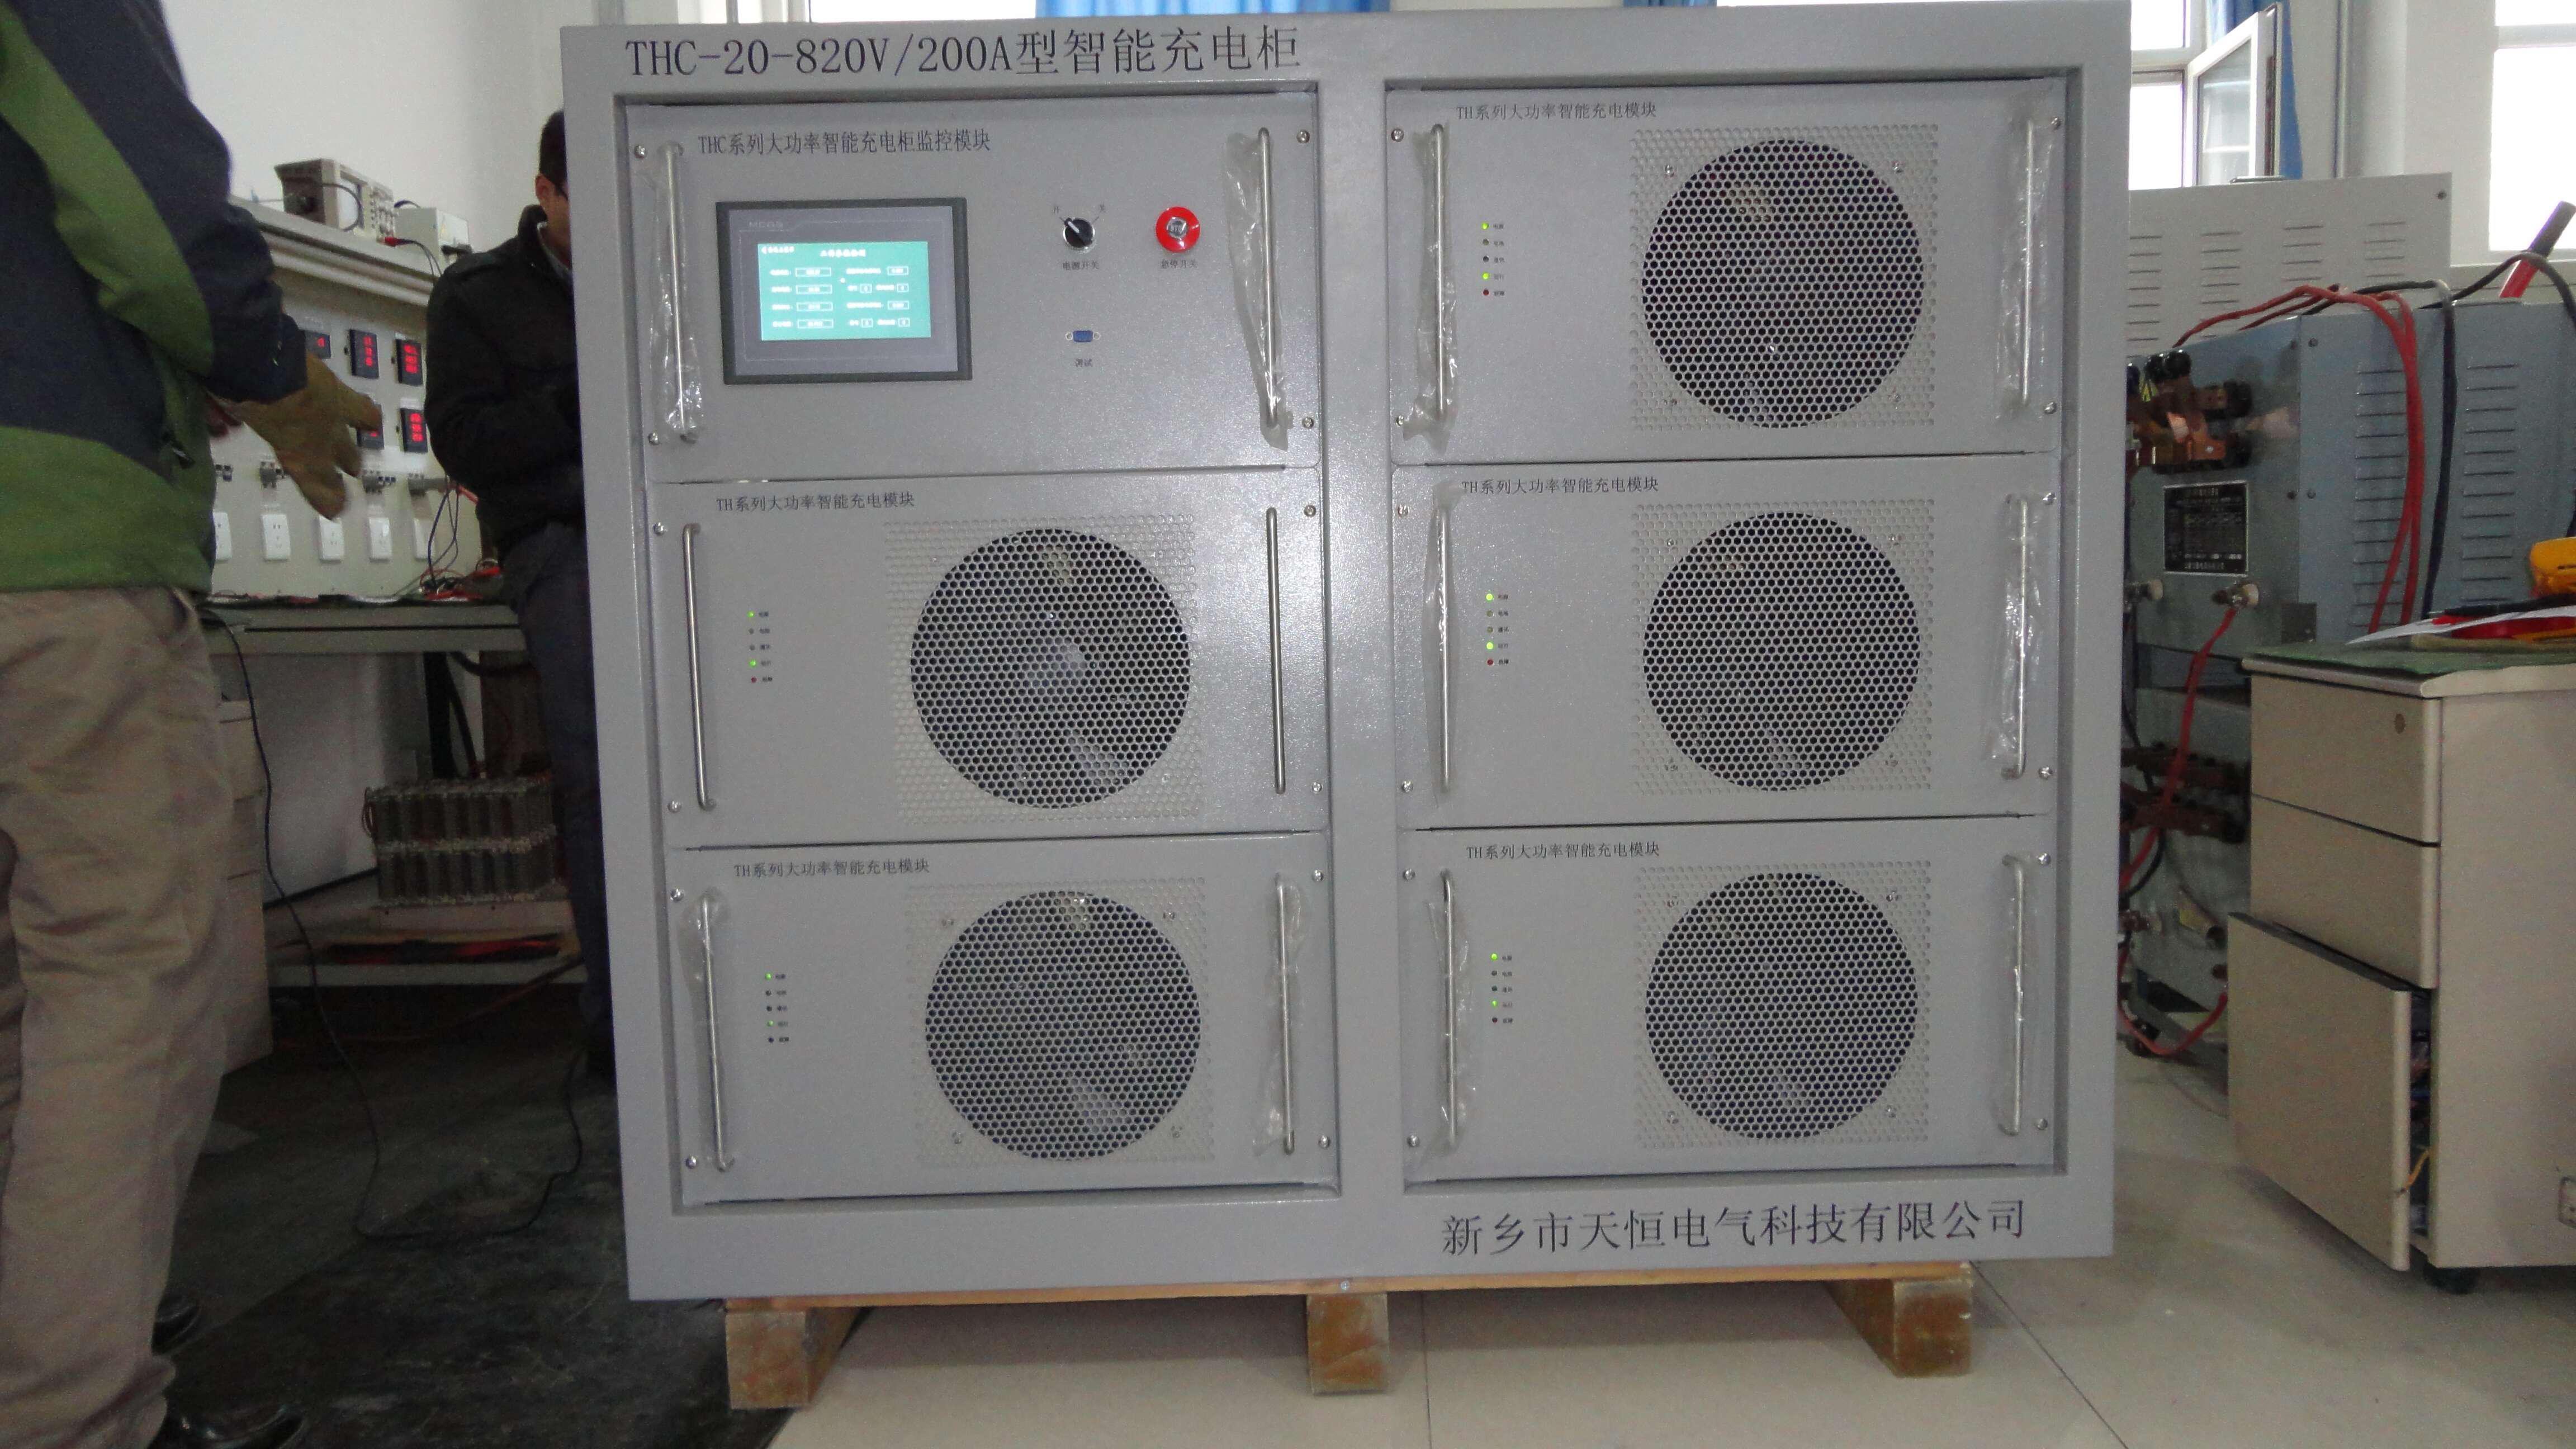 THC-20-820V/200A型智能充电柜